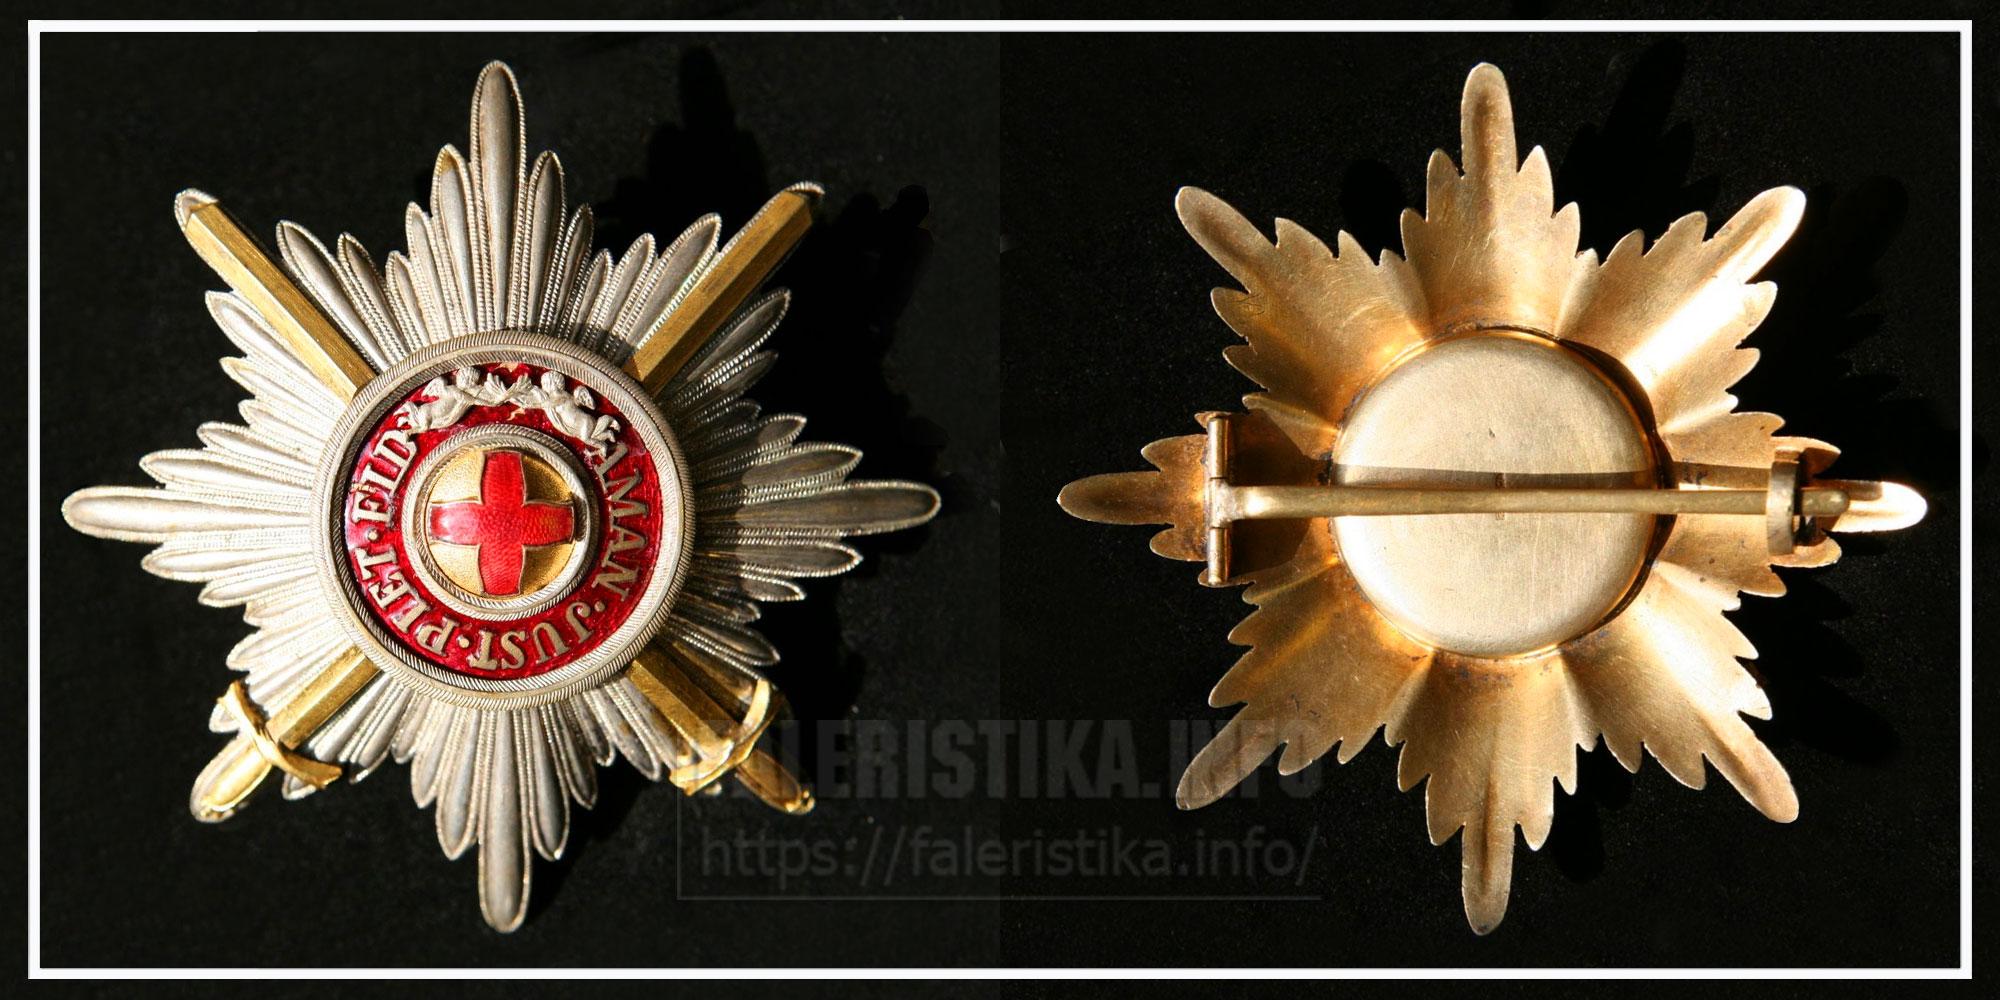 Звезда ордена св. Анны. Временное Правительство